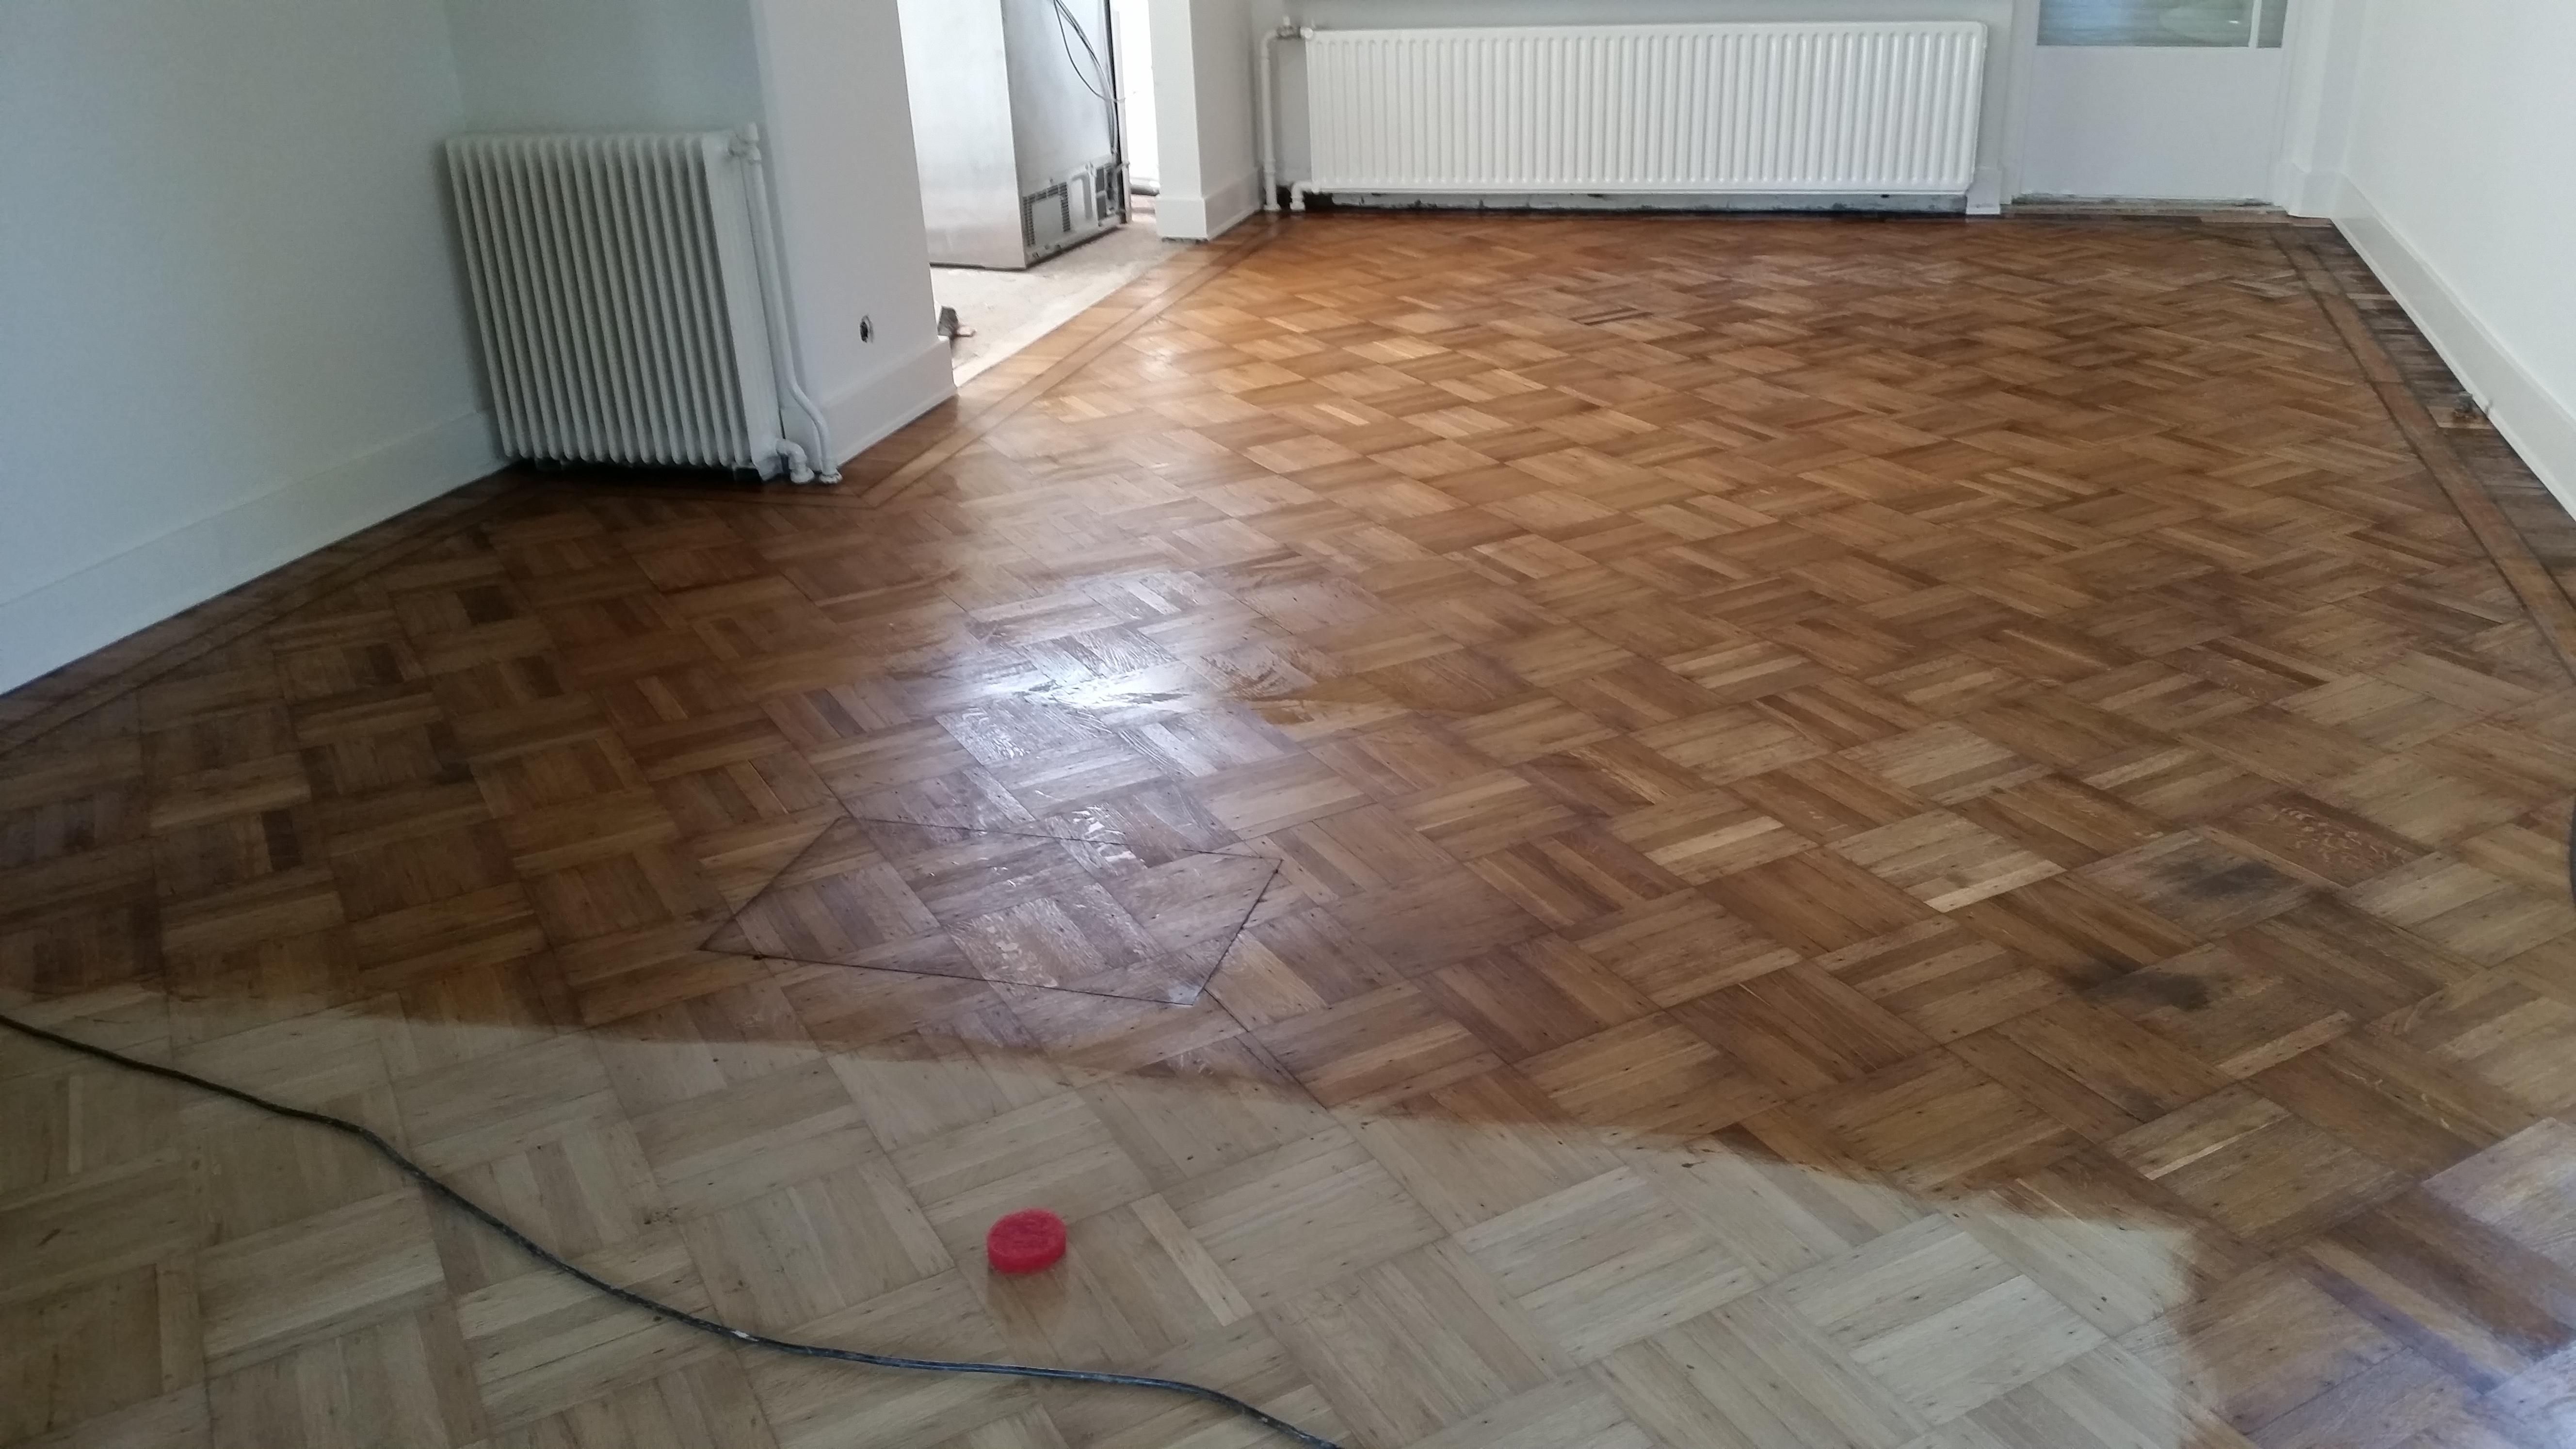 Fotos mooievloeren.info uw houten vloeren & parketspecialist